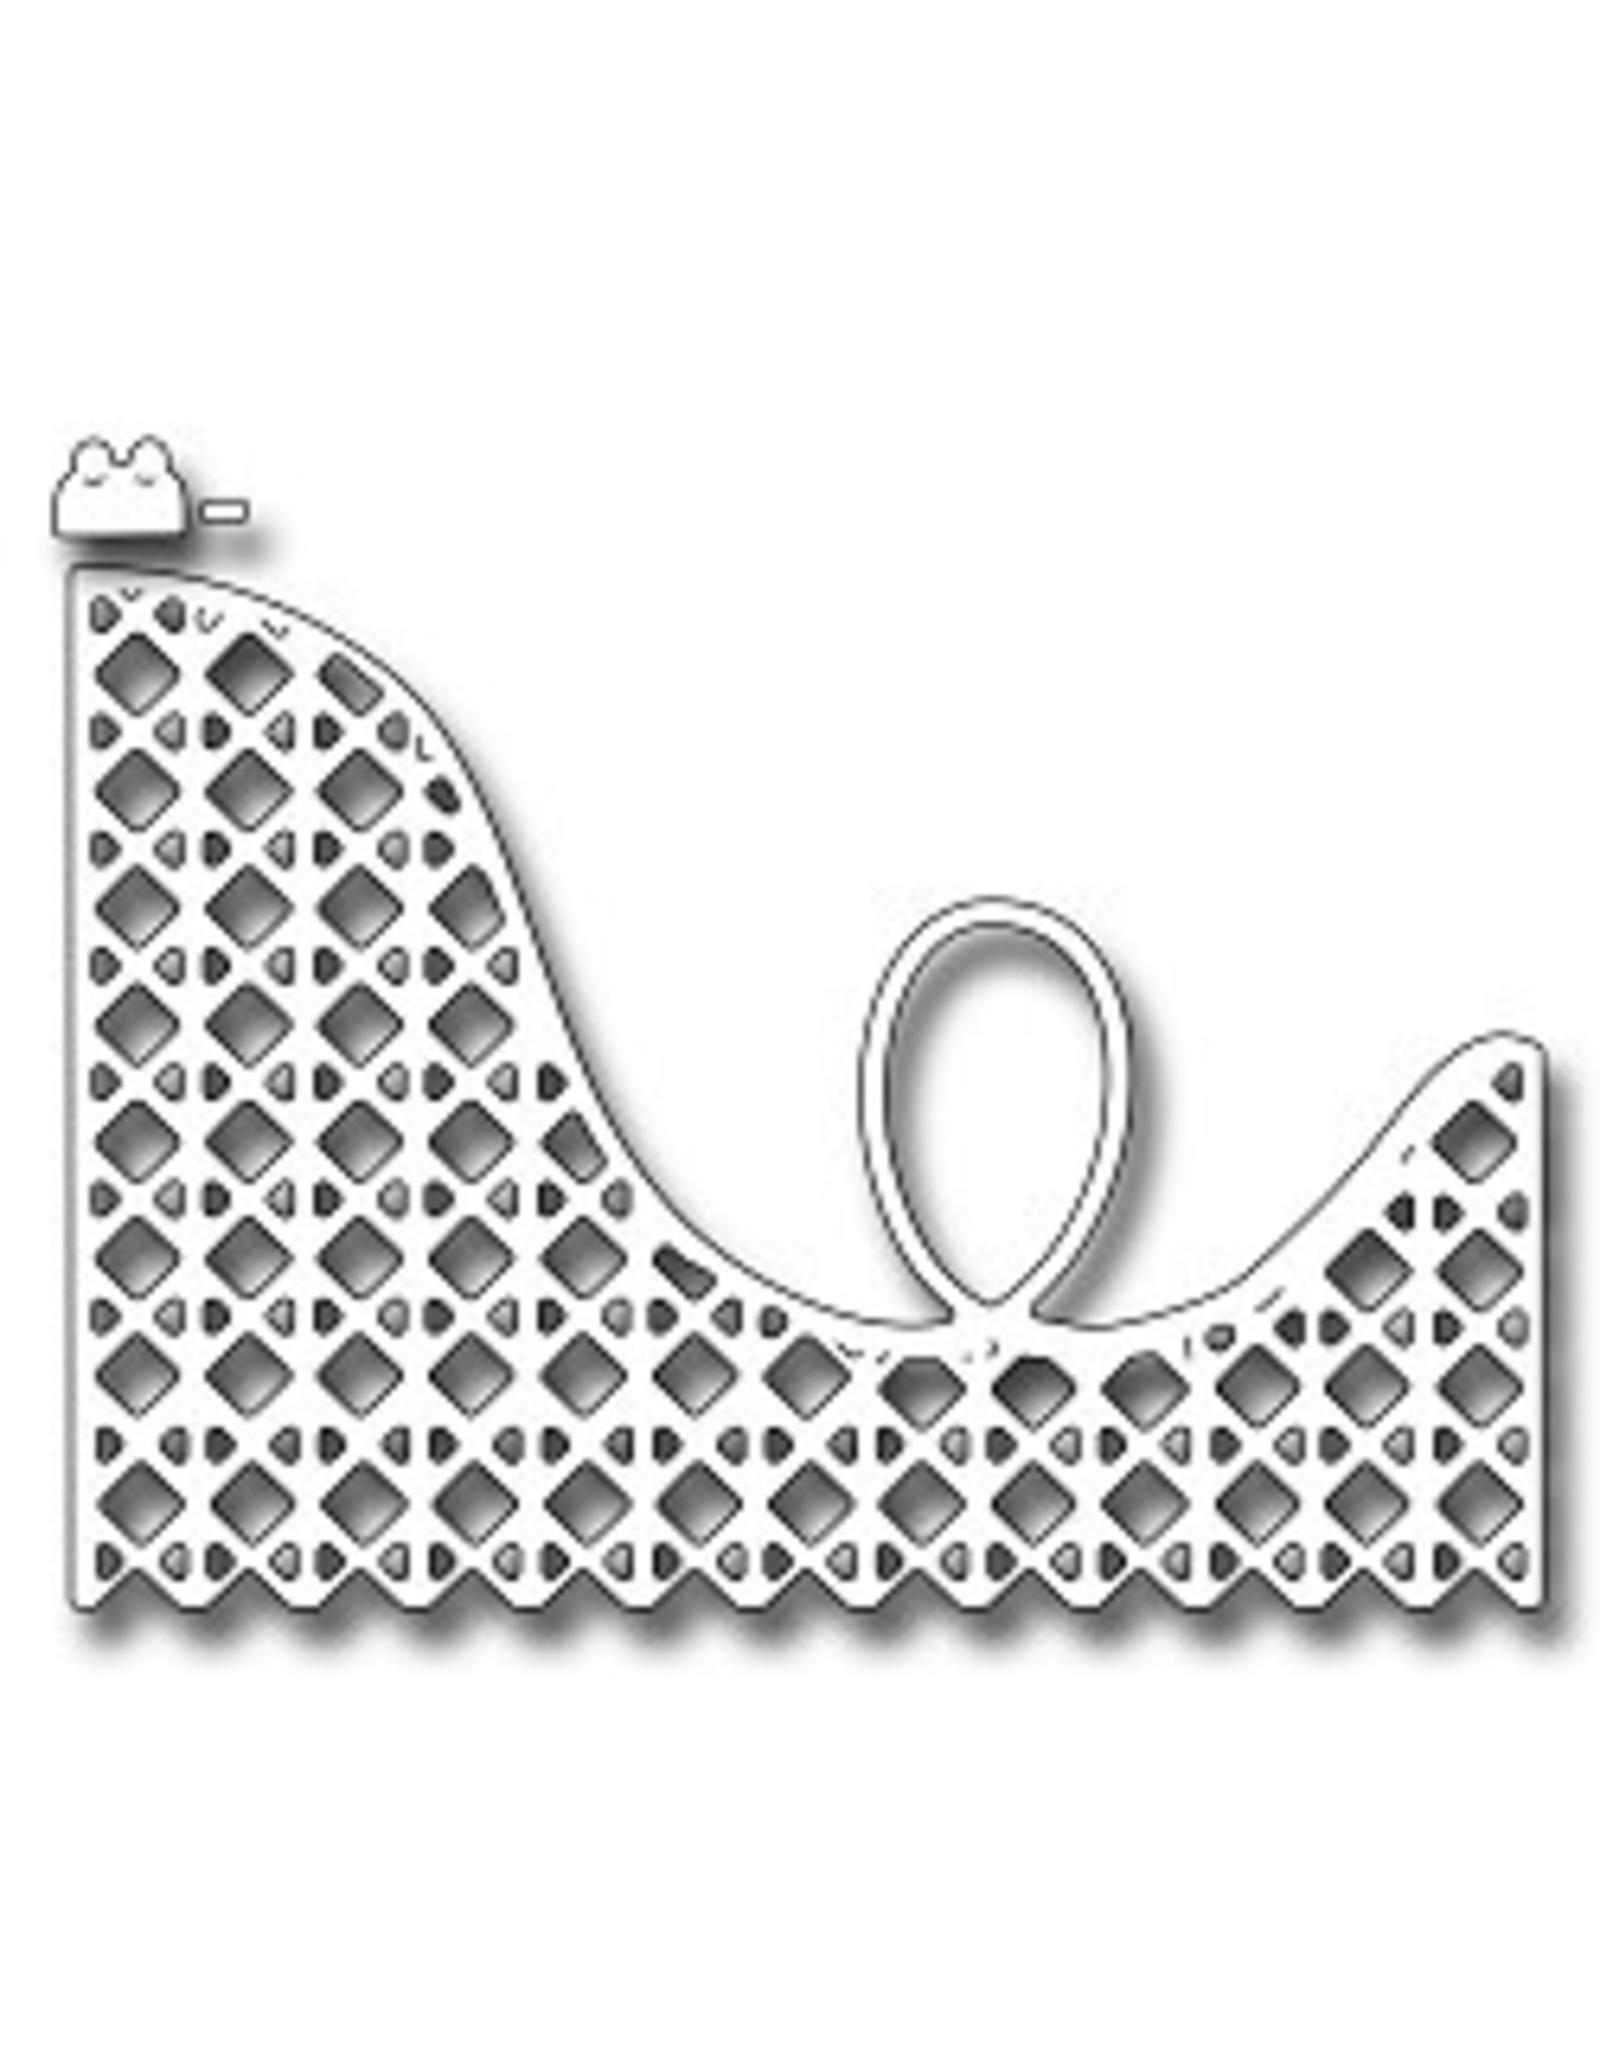 Frantic Stamper Inc Loop Roller Coaster - Die